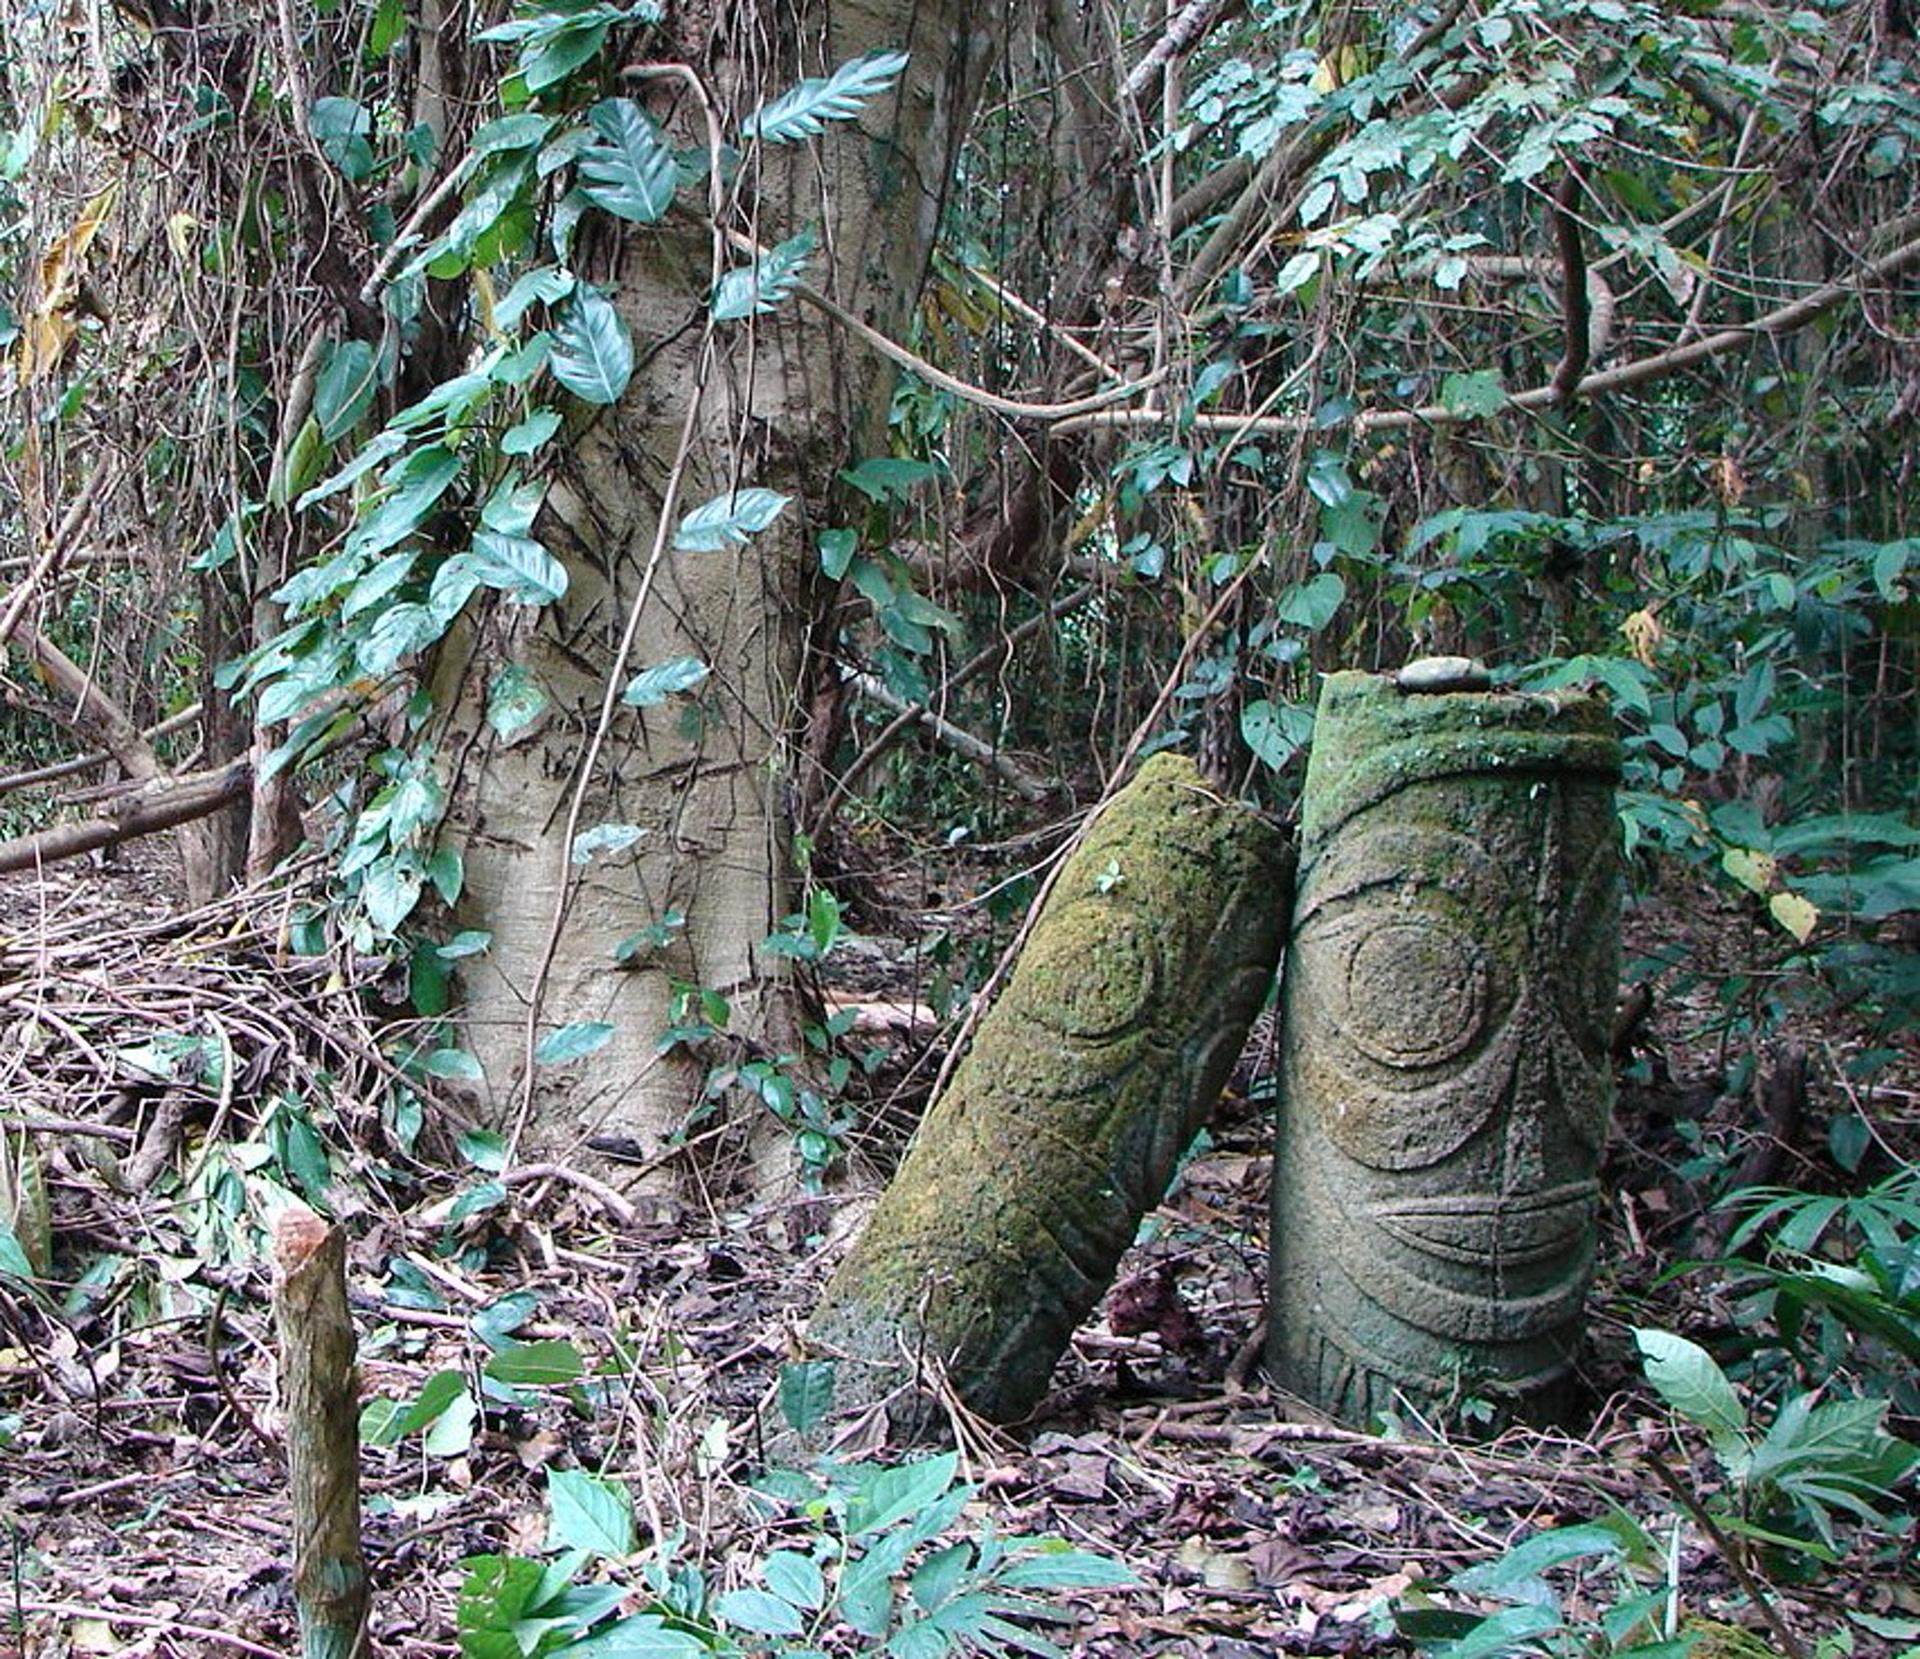 Au cœur de la forêt de Toga se trouvent des statues sacrées (ne dule), manifestation d'une présence divine qui est encore crainte et respectée. (photo AF, 2007)